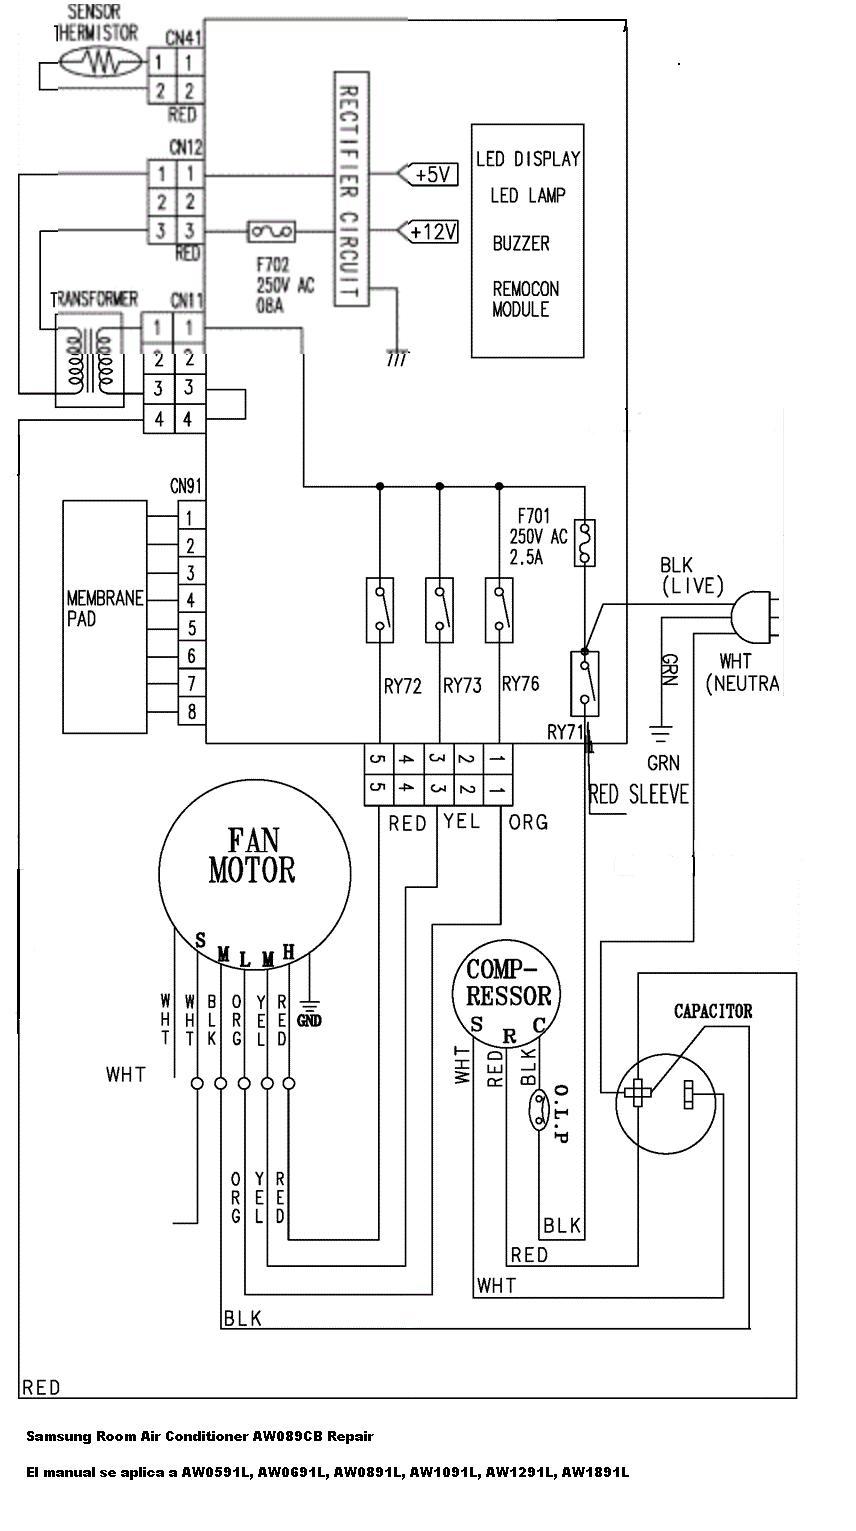 samsung split air conditioner diagrama de cableado